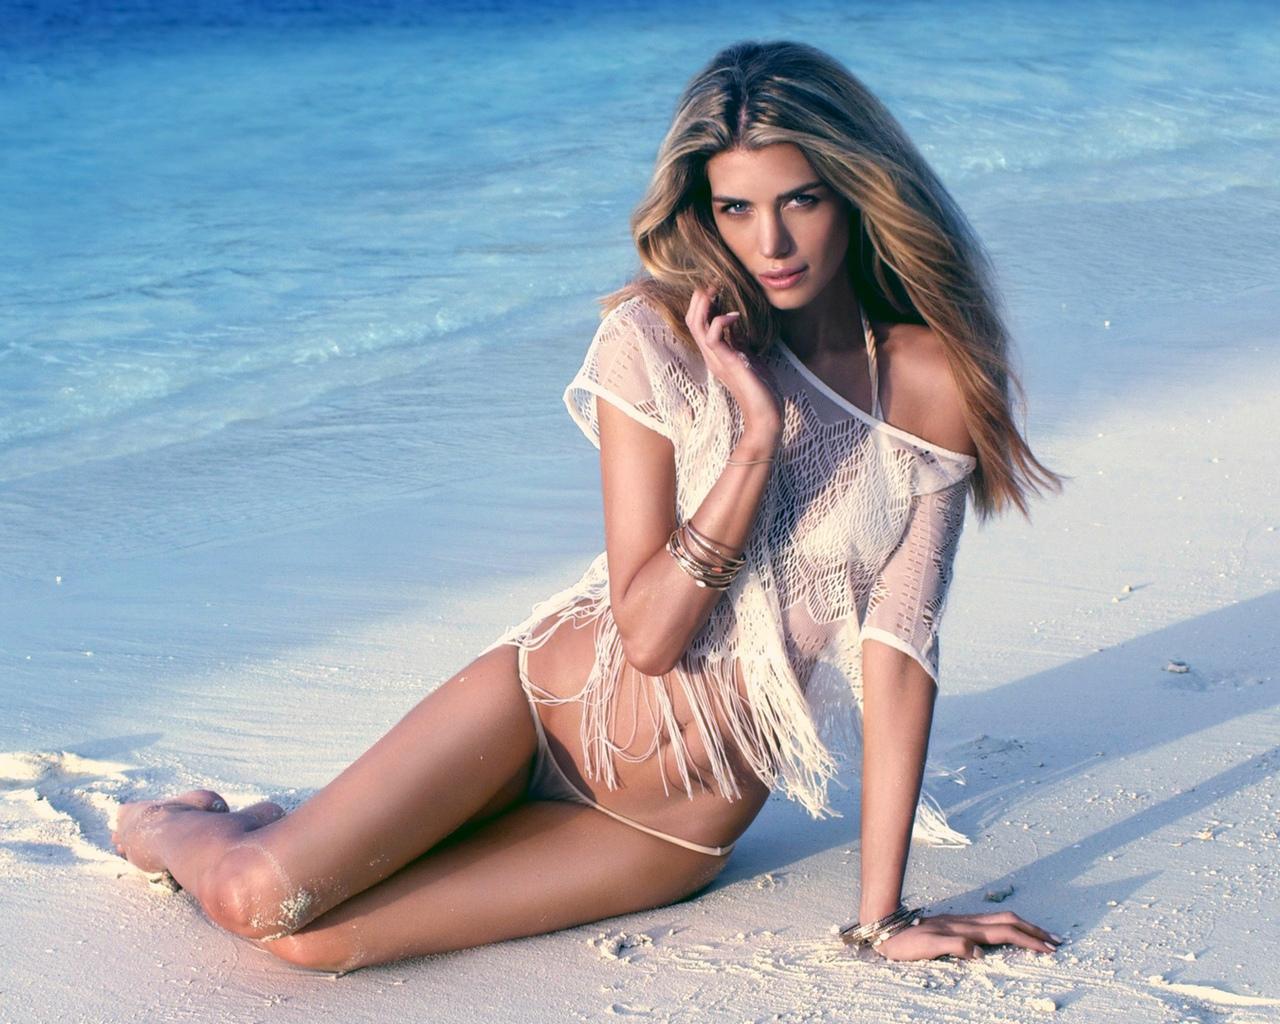 девушка, море, попа, купальник, поза, пляж, красивая